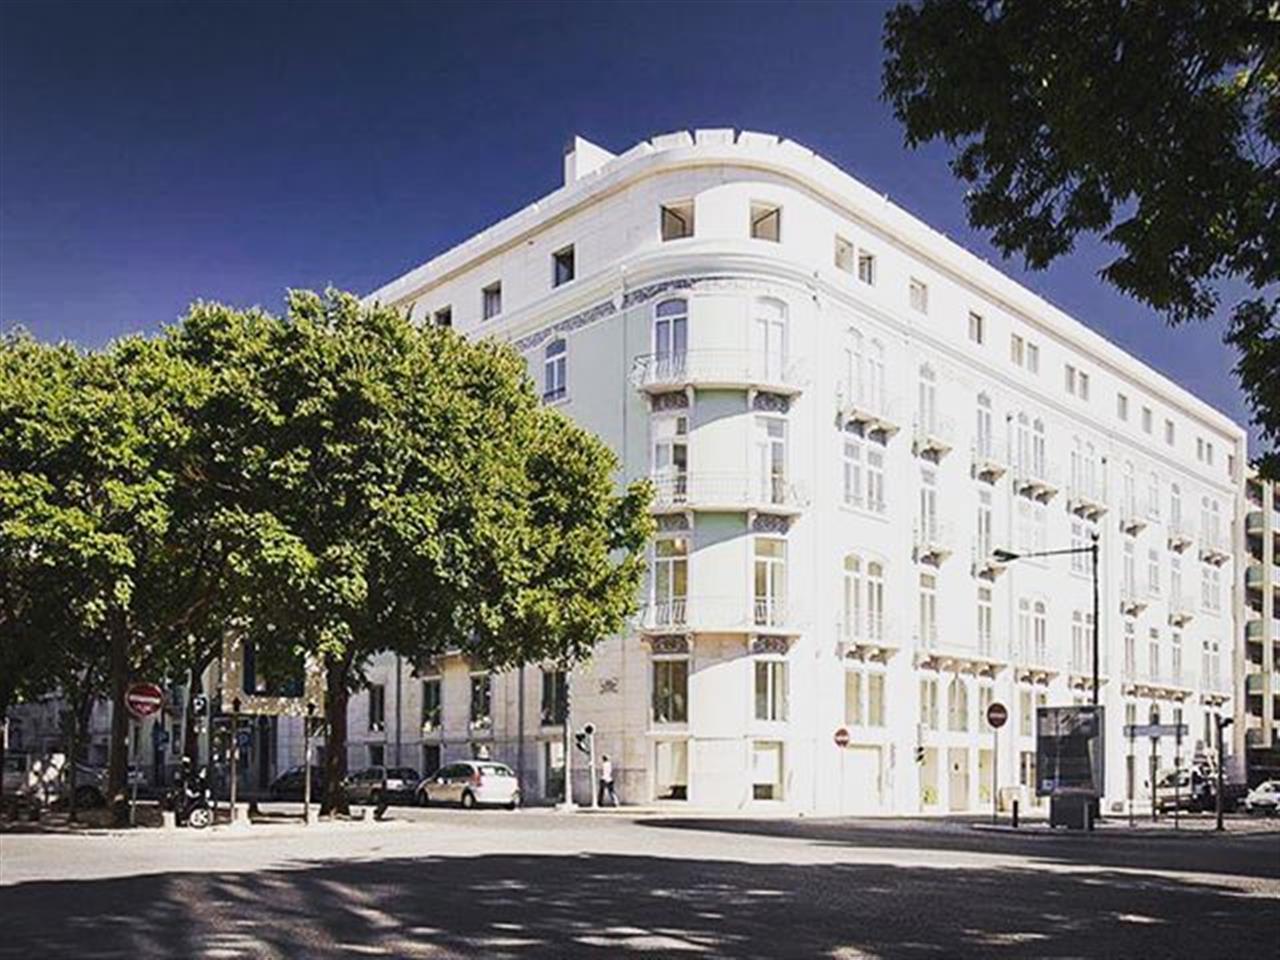 Um edifício de prestígio para um negócio de sucesso! Veja tudo em: www.ins.pt | Ref. VL081(1.1) #insrealestateportugal #leadingrelocal #lisbon #portugal #beautifulbuildings